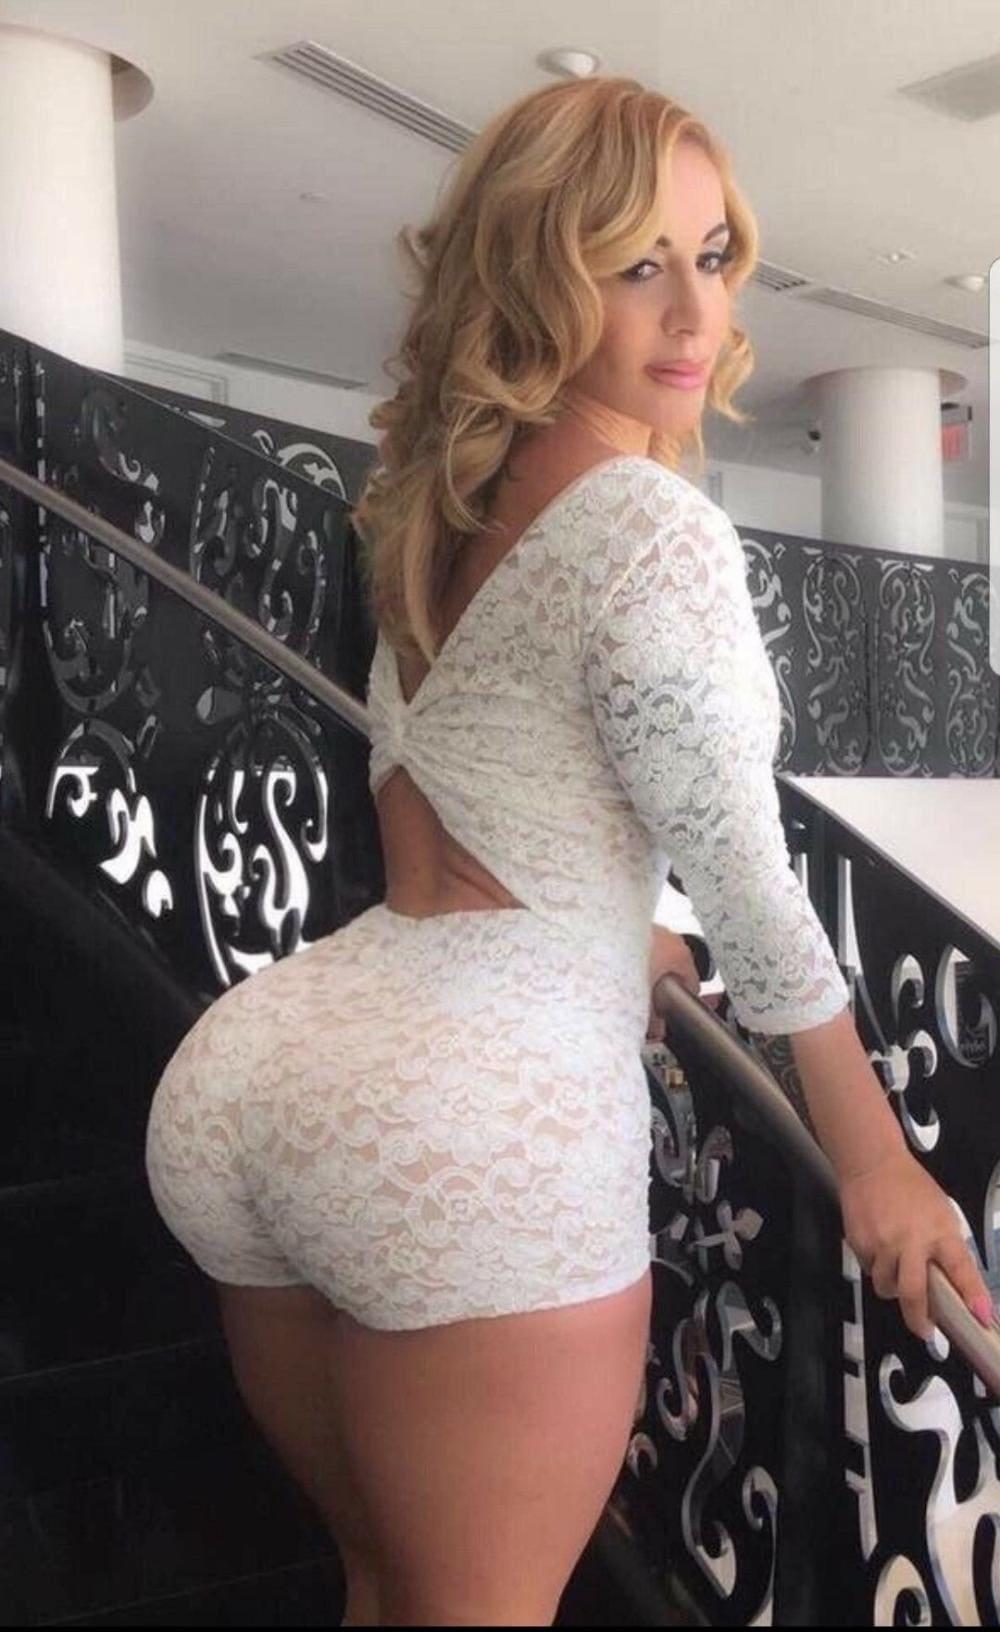 красивая зрелая попа шикарной блондинки стоит на лестнице в белом гипюровом костюме шорты обтянули зад и кофточка